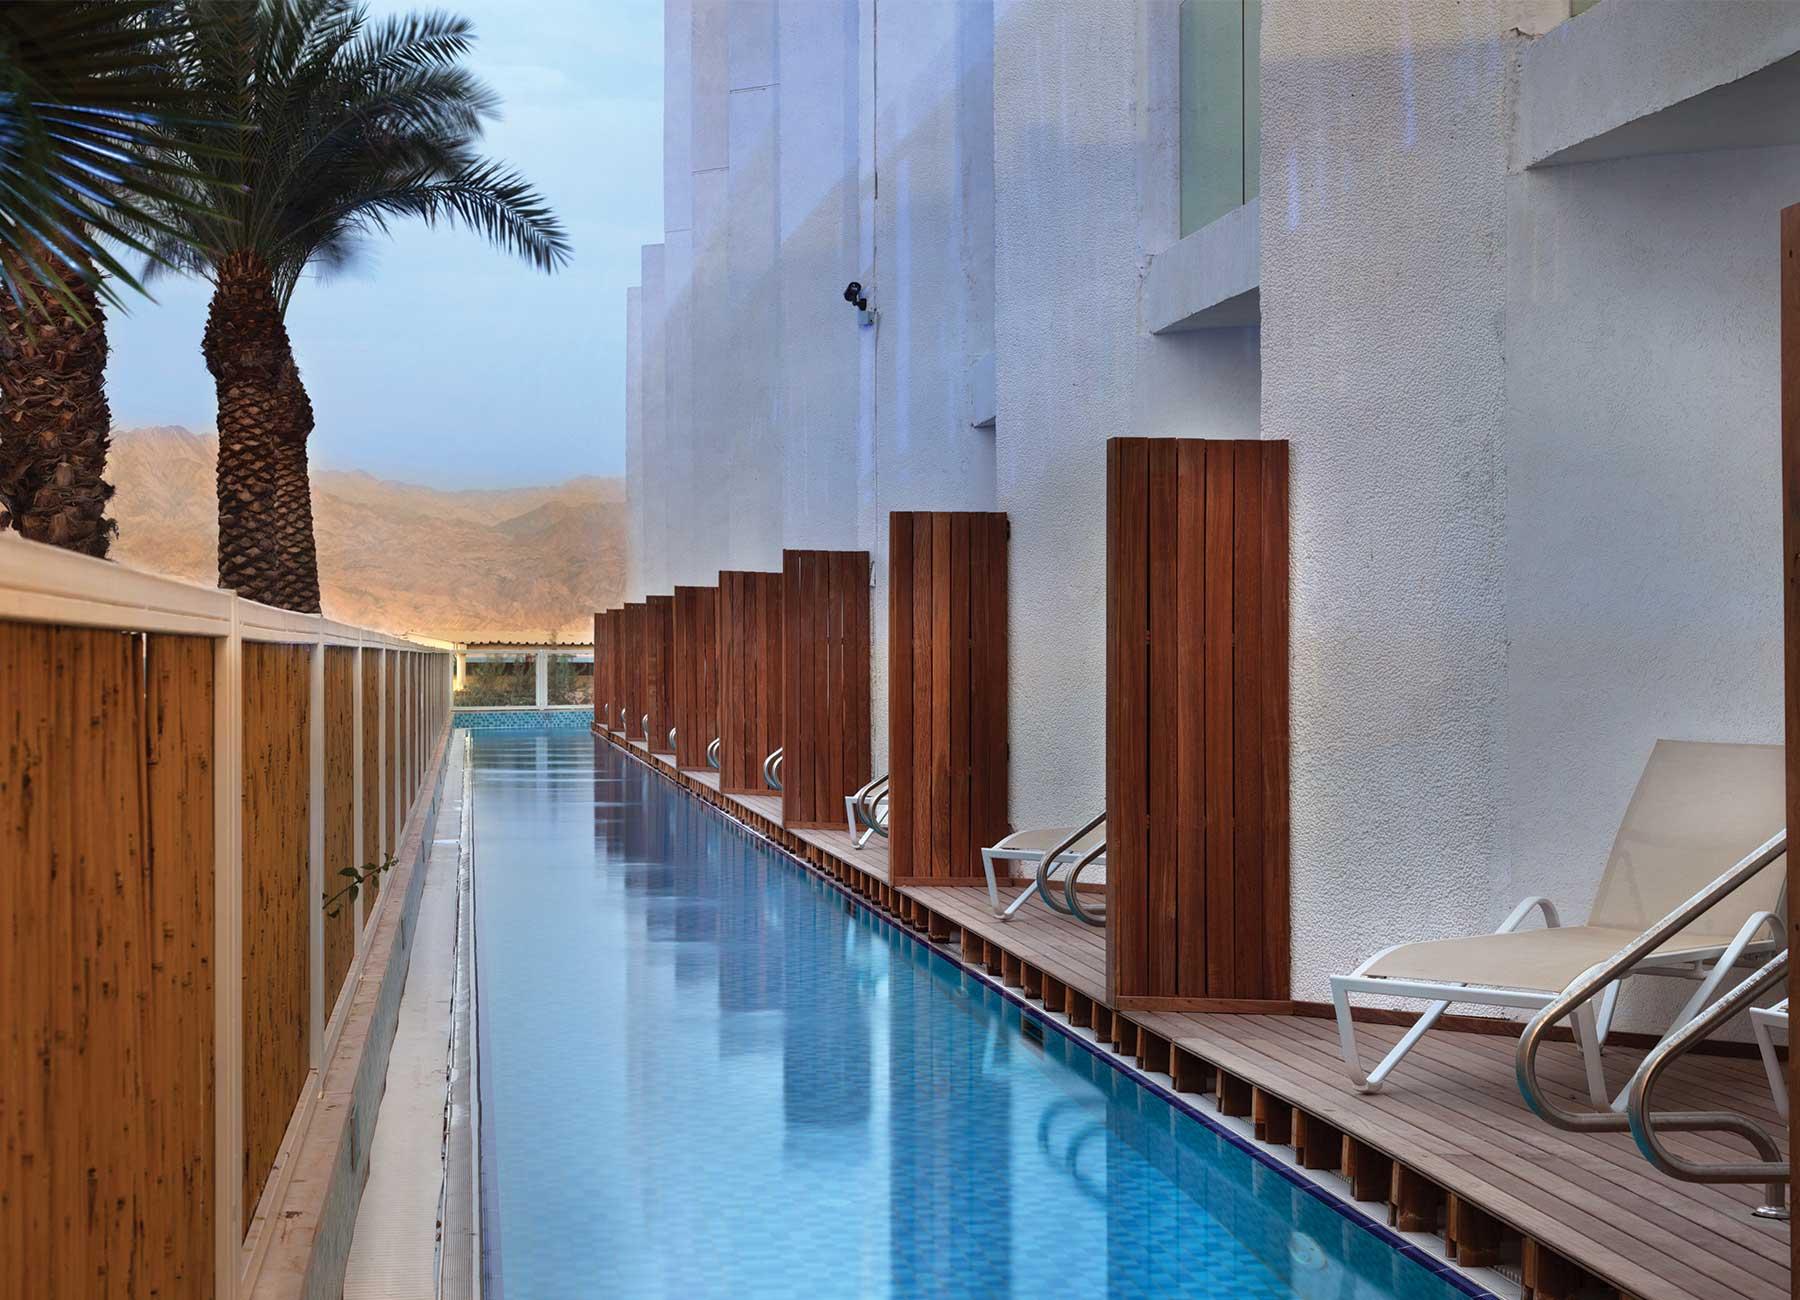 חדר עם יציאה לבריכה במלון הרברט סמואל הריף אילת